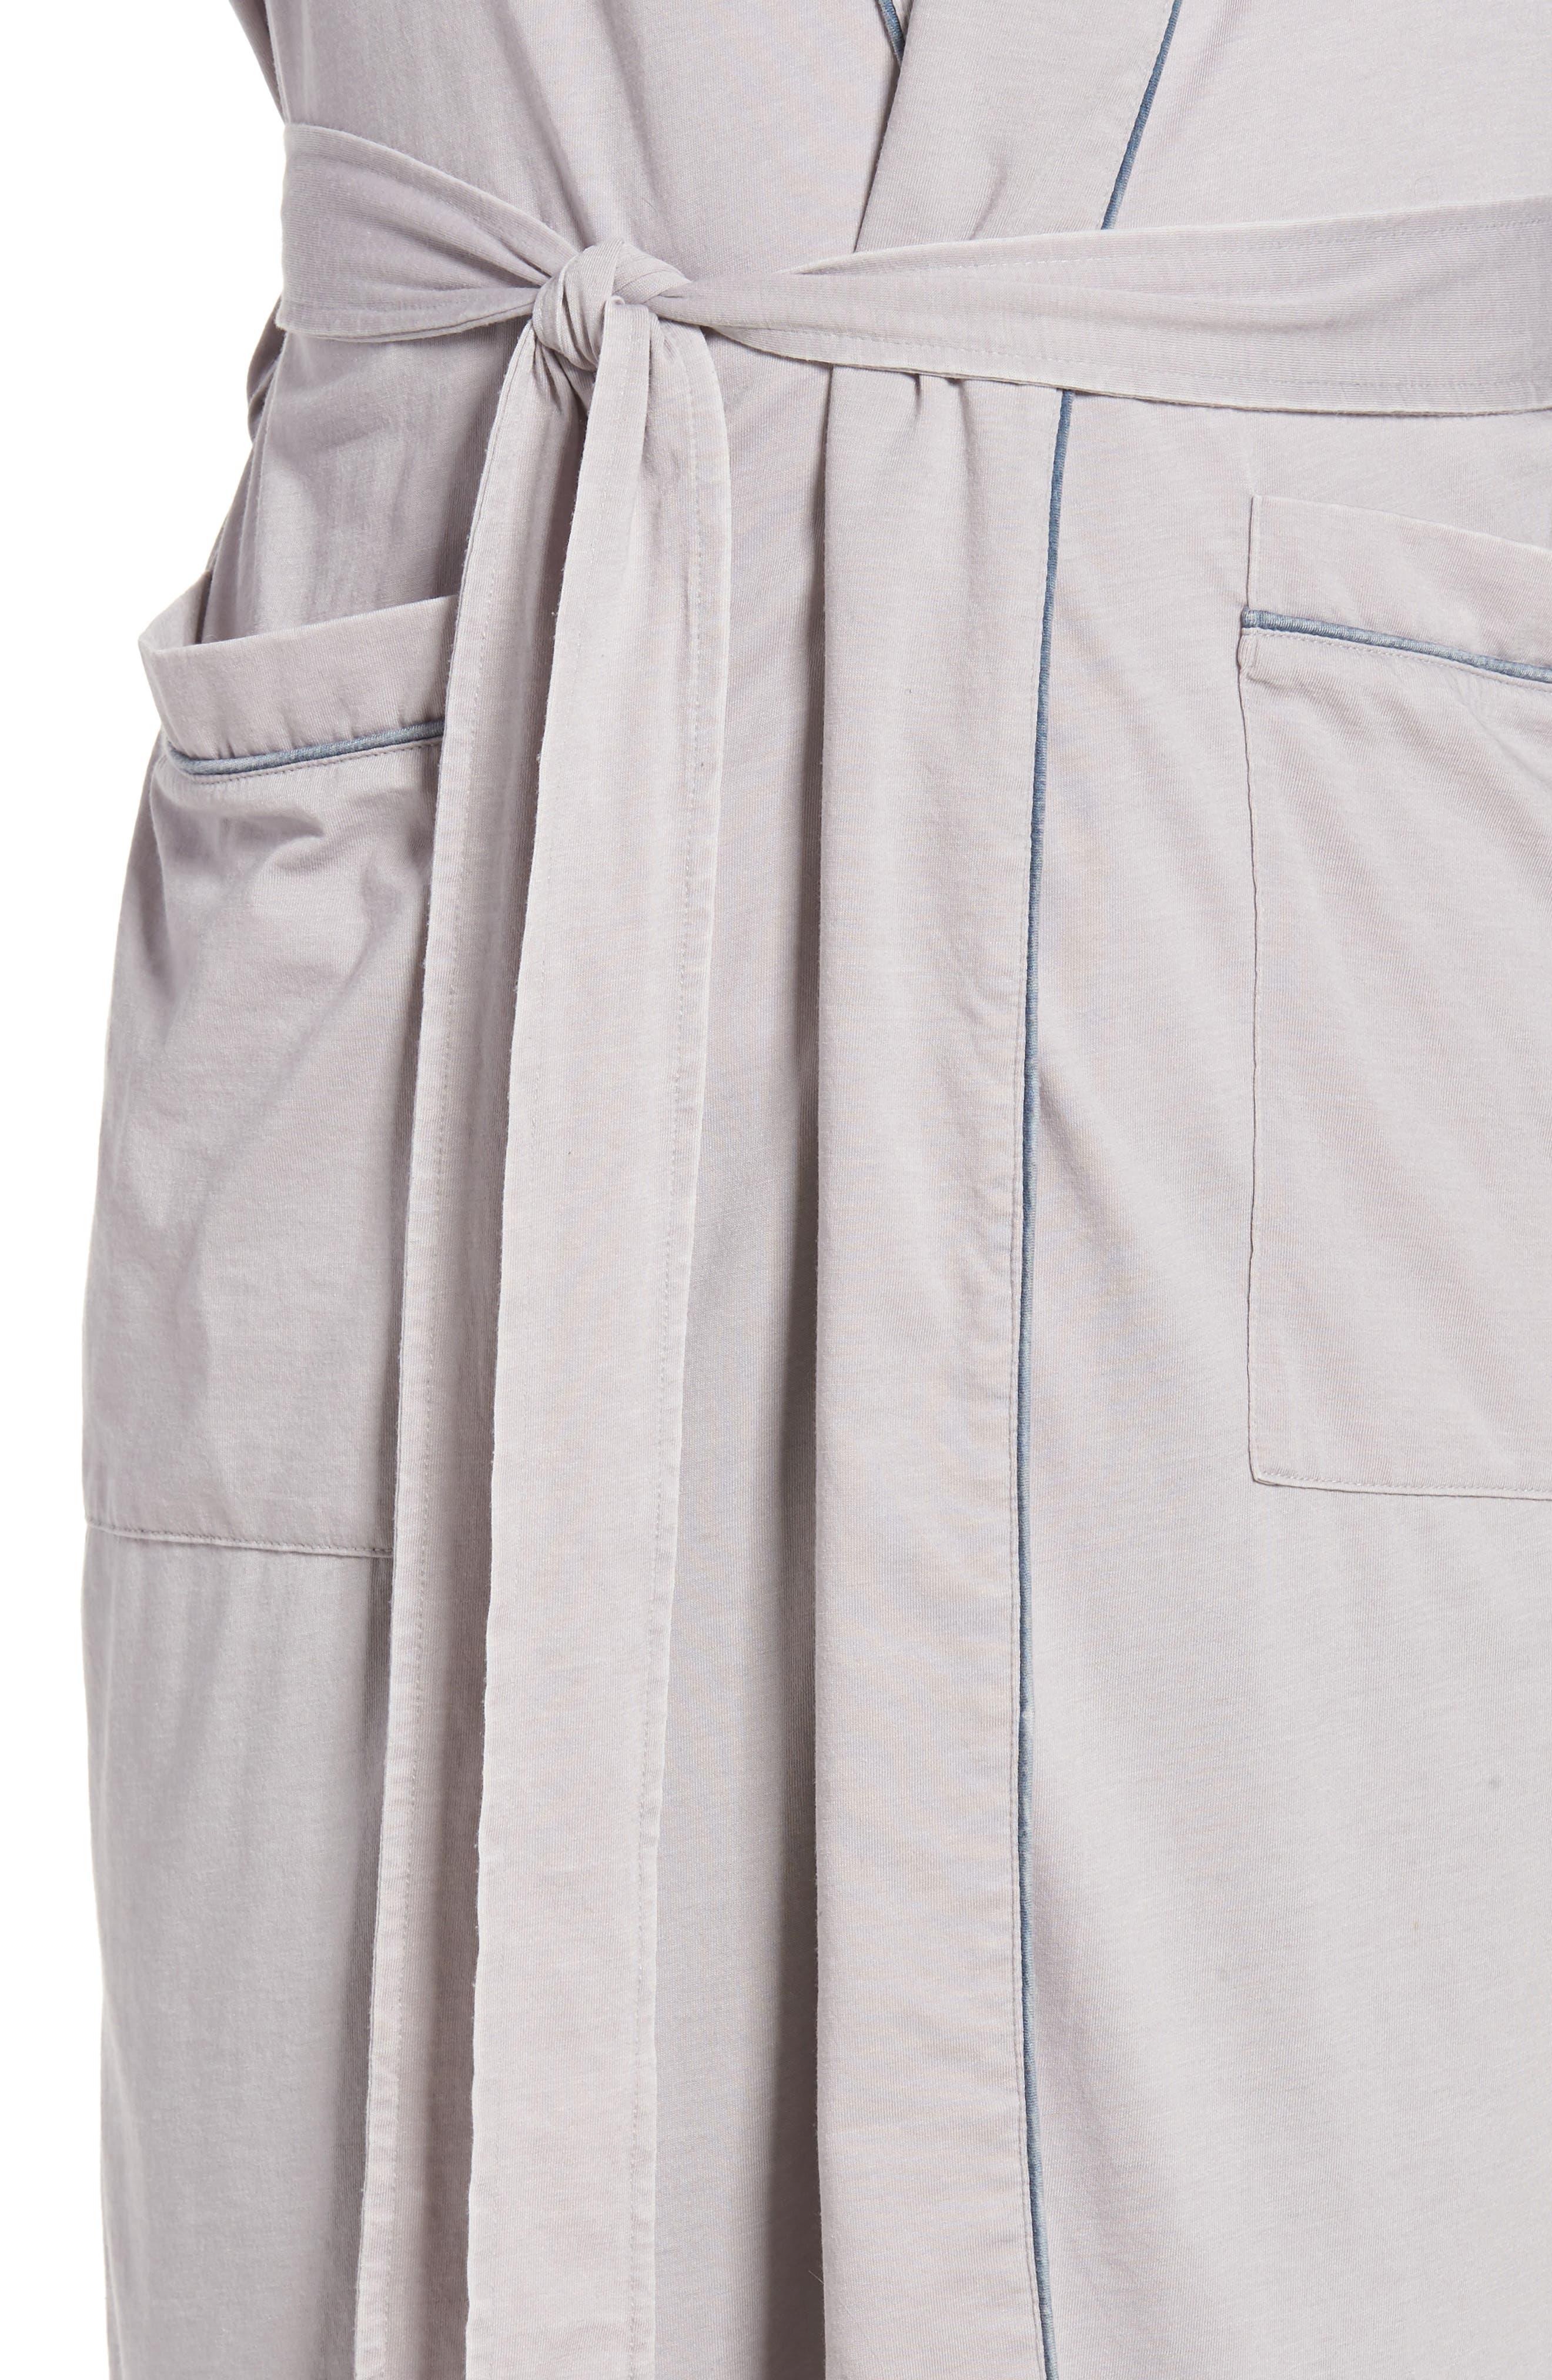 Burnout Cotton Blend Robe,                             Alternate thumbnail 8, color,